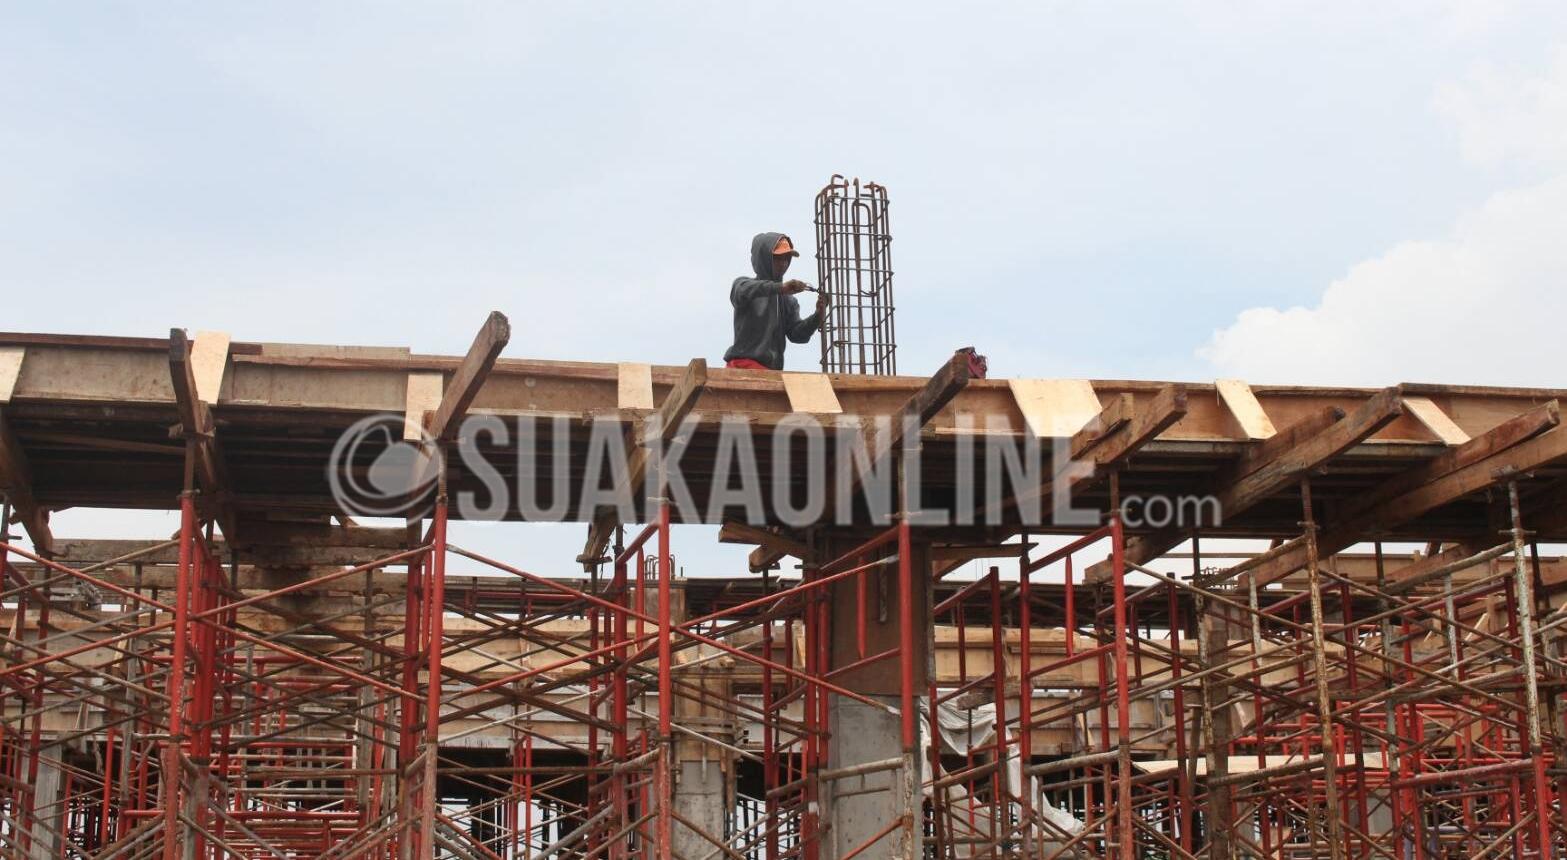 Pekerja sedang mengelas besi gedung proyek UIN 2, Jalan Soekarno-Hatta, Kota Bandung, Selasa (1/11/2016). Hingga kini ada 2 bangunan  yang sedang di garap dalam proyek UIN 2. (Suaka/Elya Rhafsanzani)